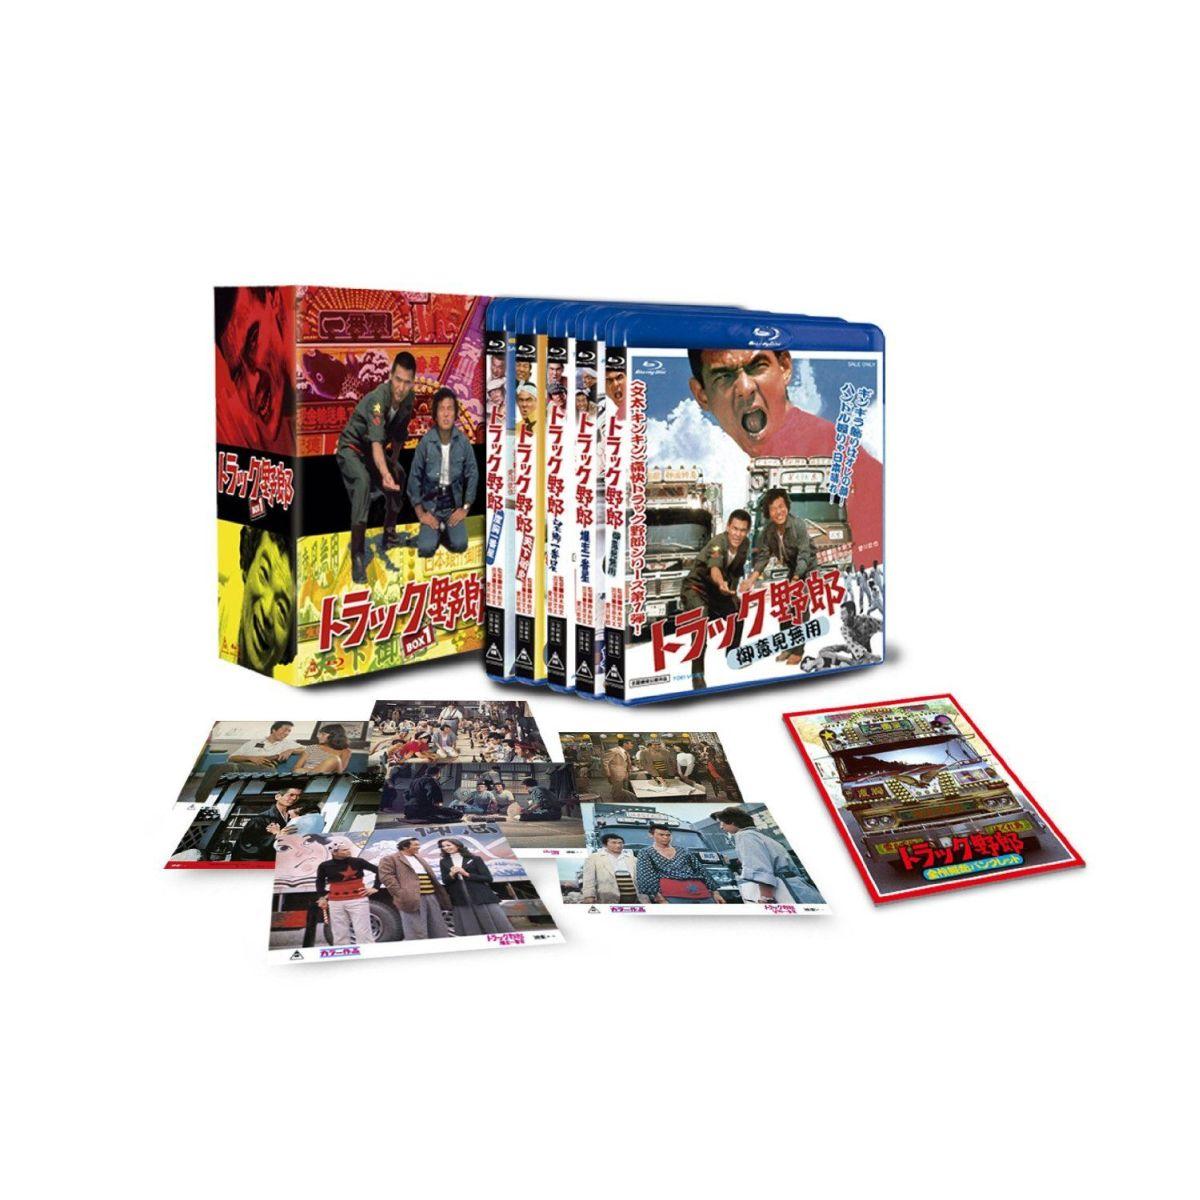 トラック野郎 Blu-ray BOX 1【Blu-ray】 [ 菅原文太 ]...:book:16705725